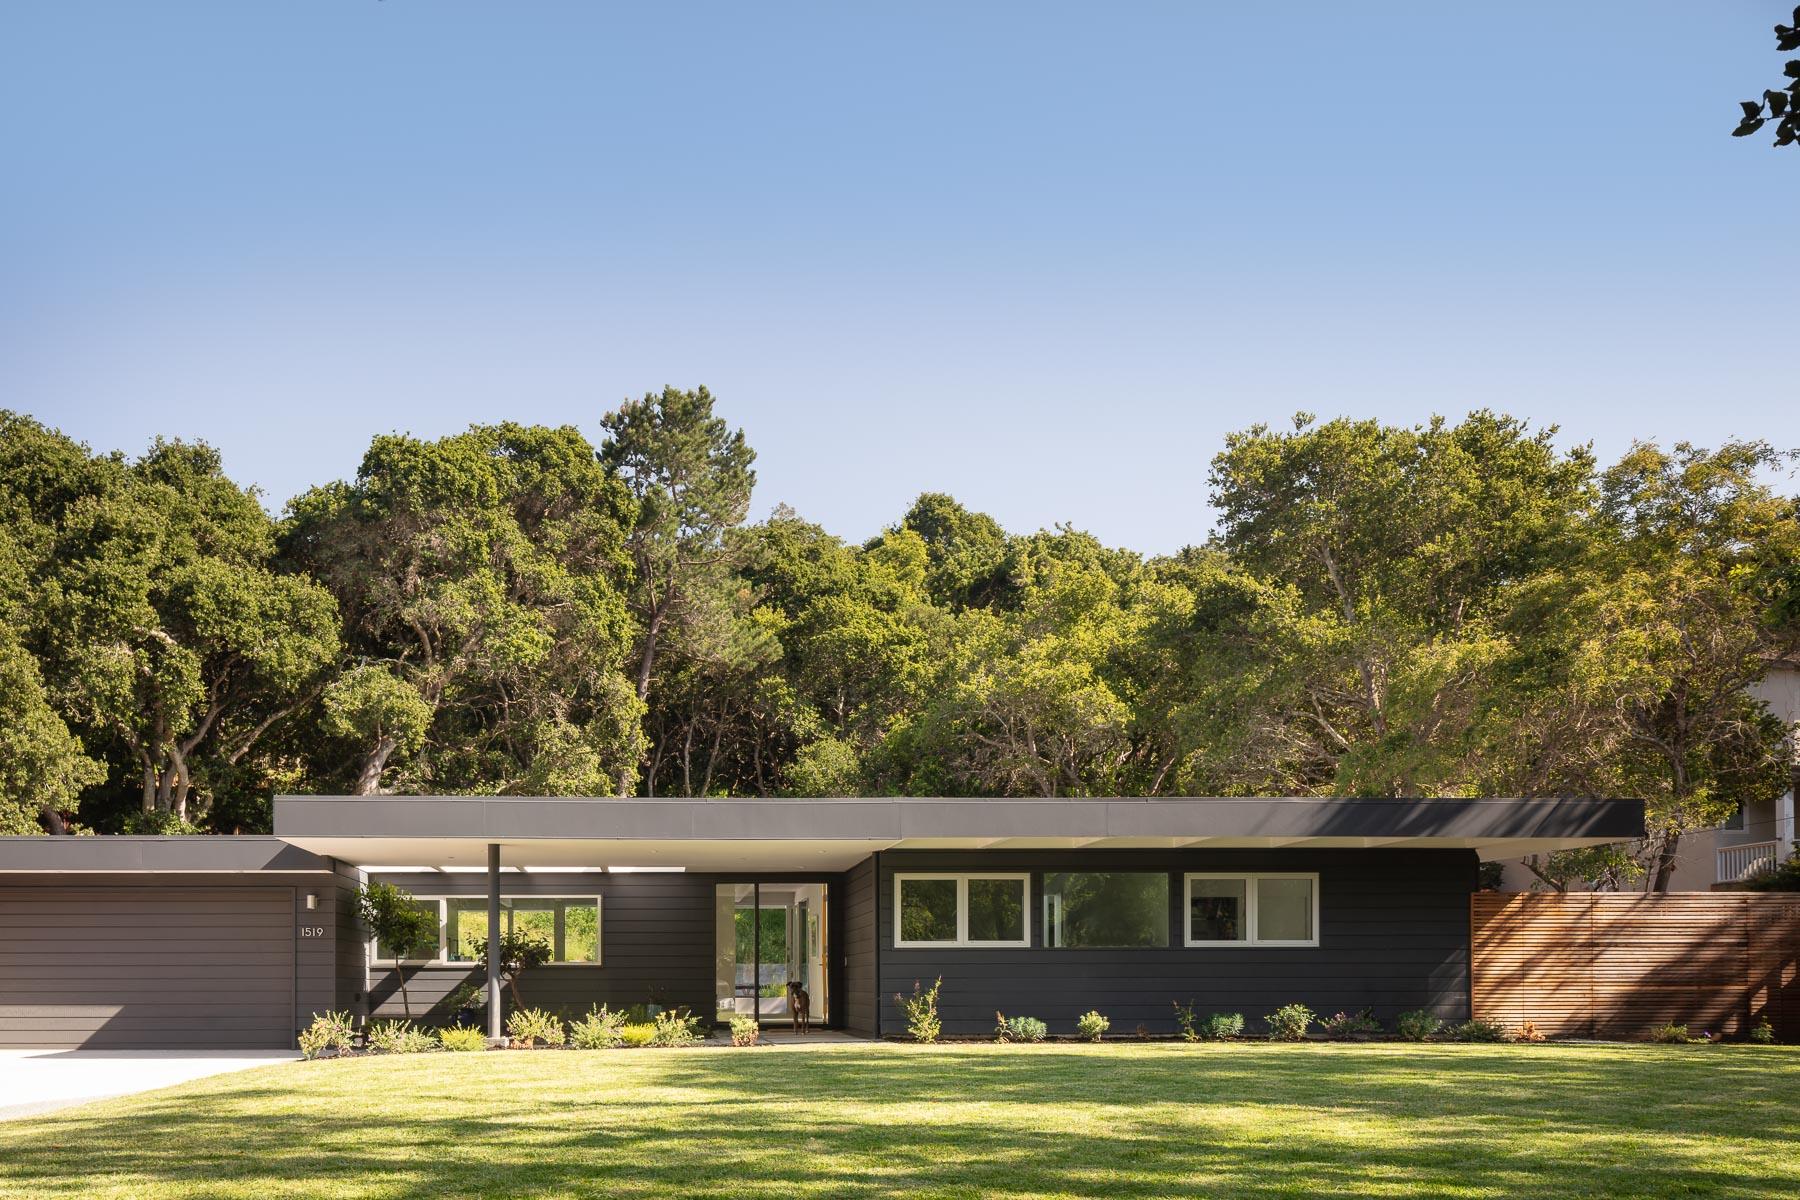 fernwood way residence whole house remodel